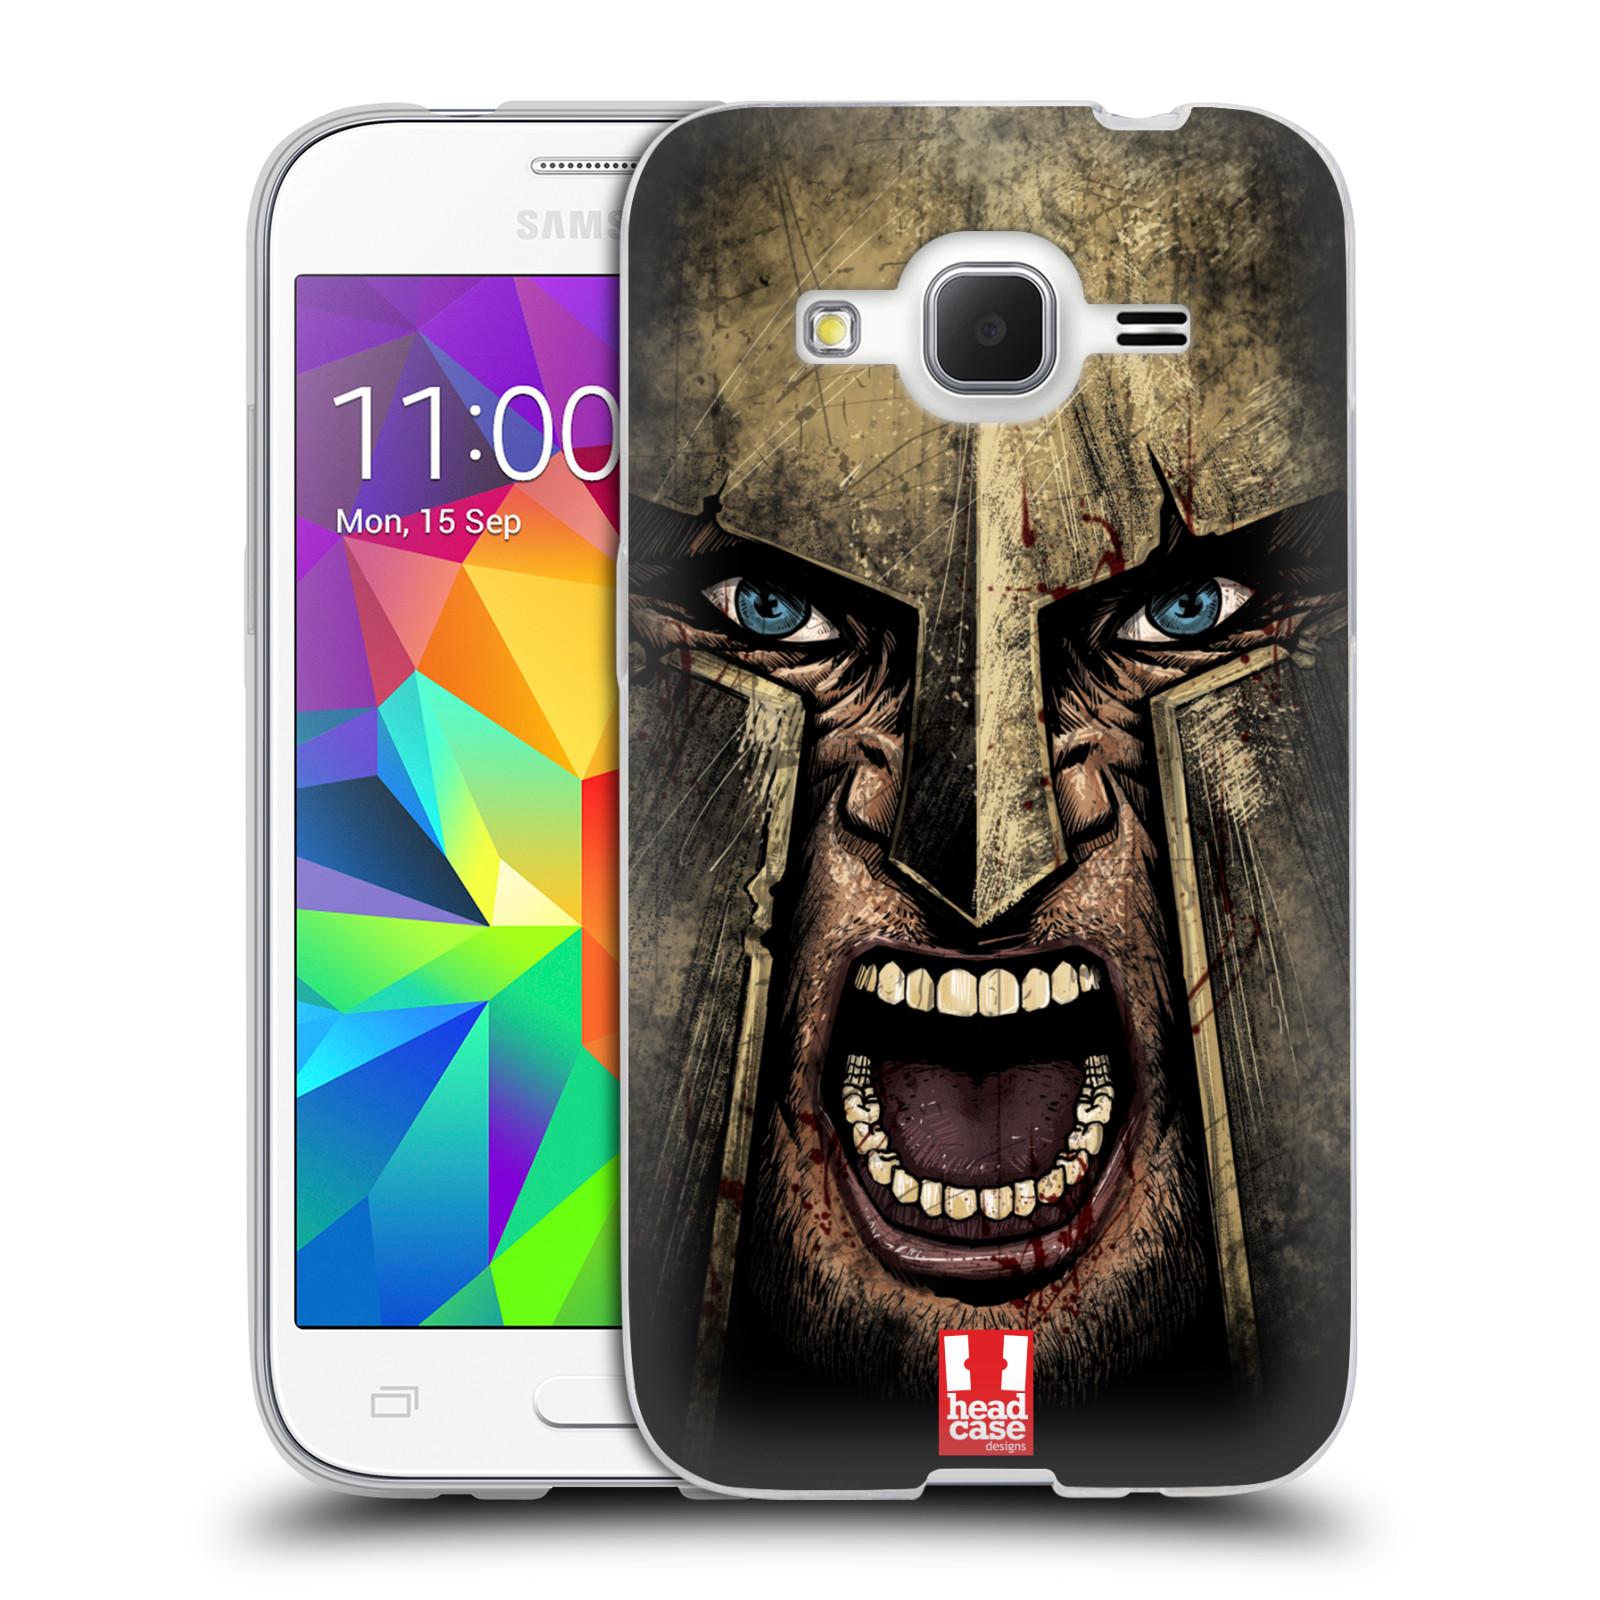 Silikonové pouzdro na mobil Samsung Galaxy Core Prime LTE - Head Case - Řvoucí válečník